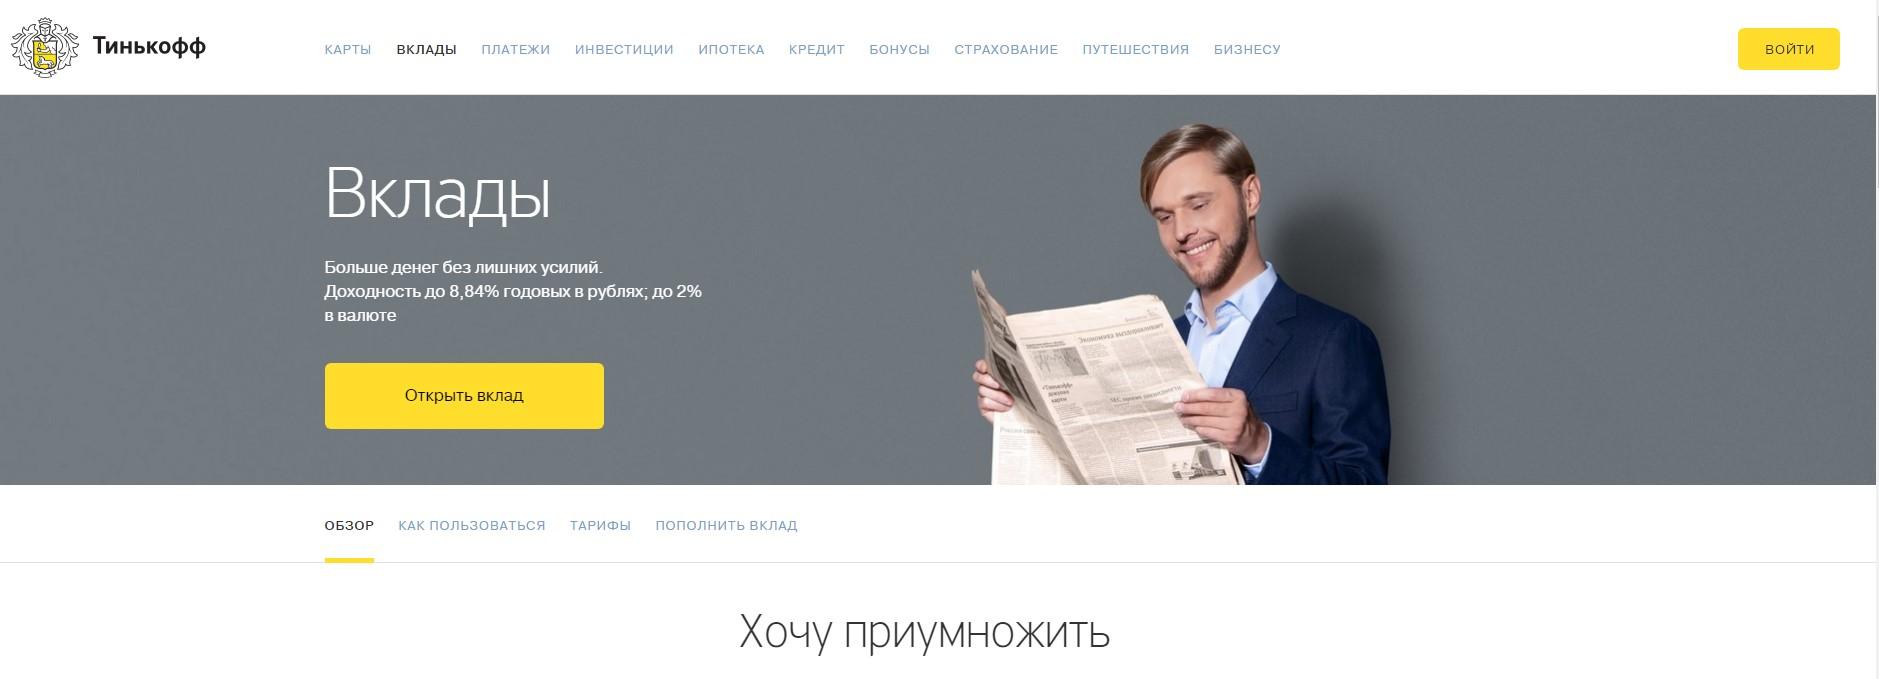 Способы получения займ в СМСфинанс